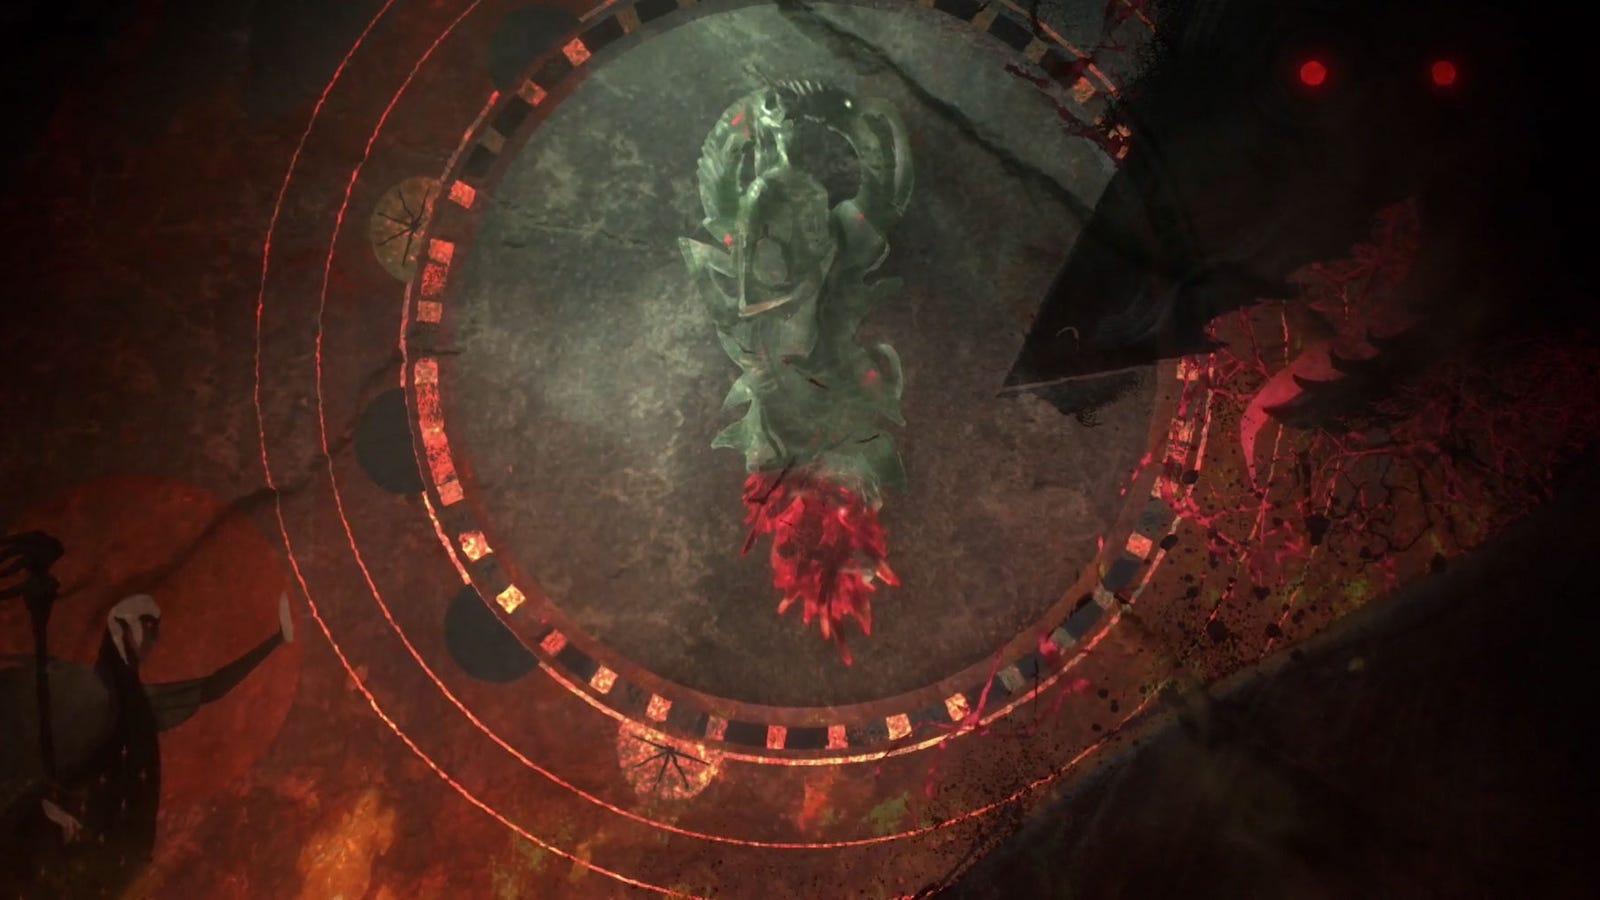 [Dragon Age: 4] ทีเซอร์ใหม่ ดราก้อน เอจ ออกงานเกมอวาร์ด